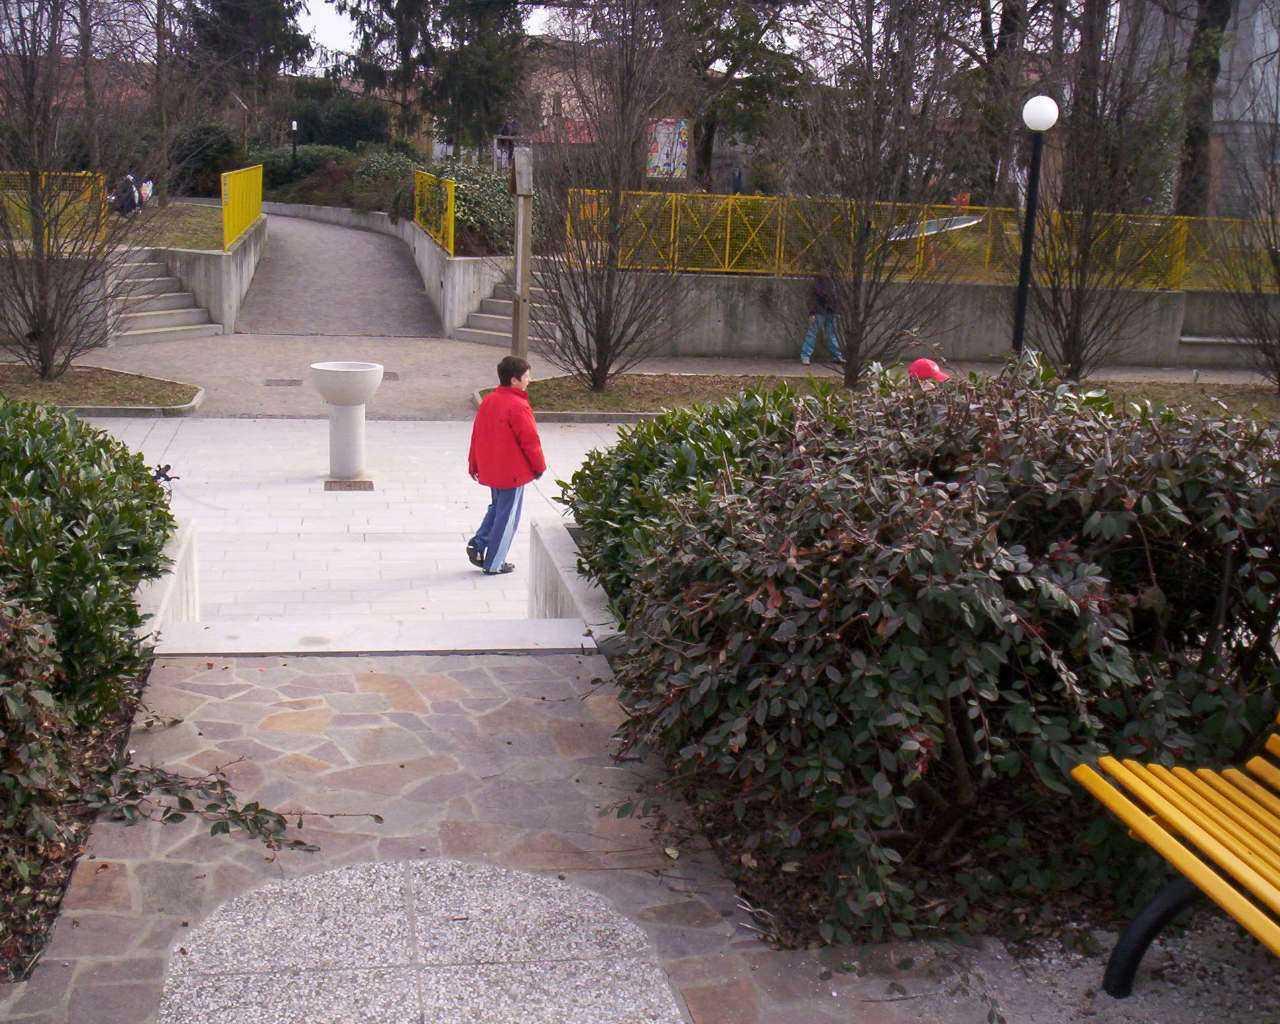 Piazza-Parco-Colloredo-di-Prato_014